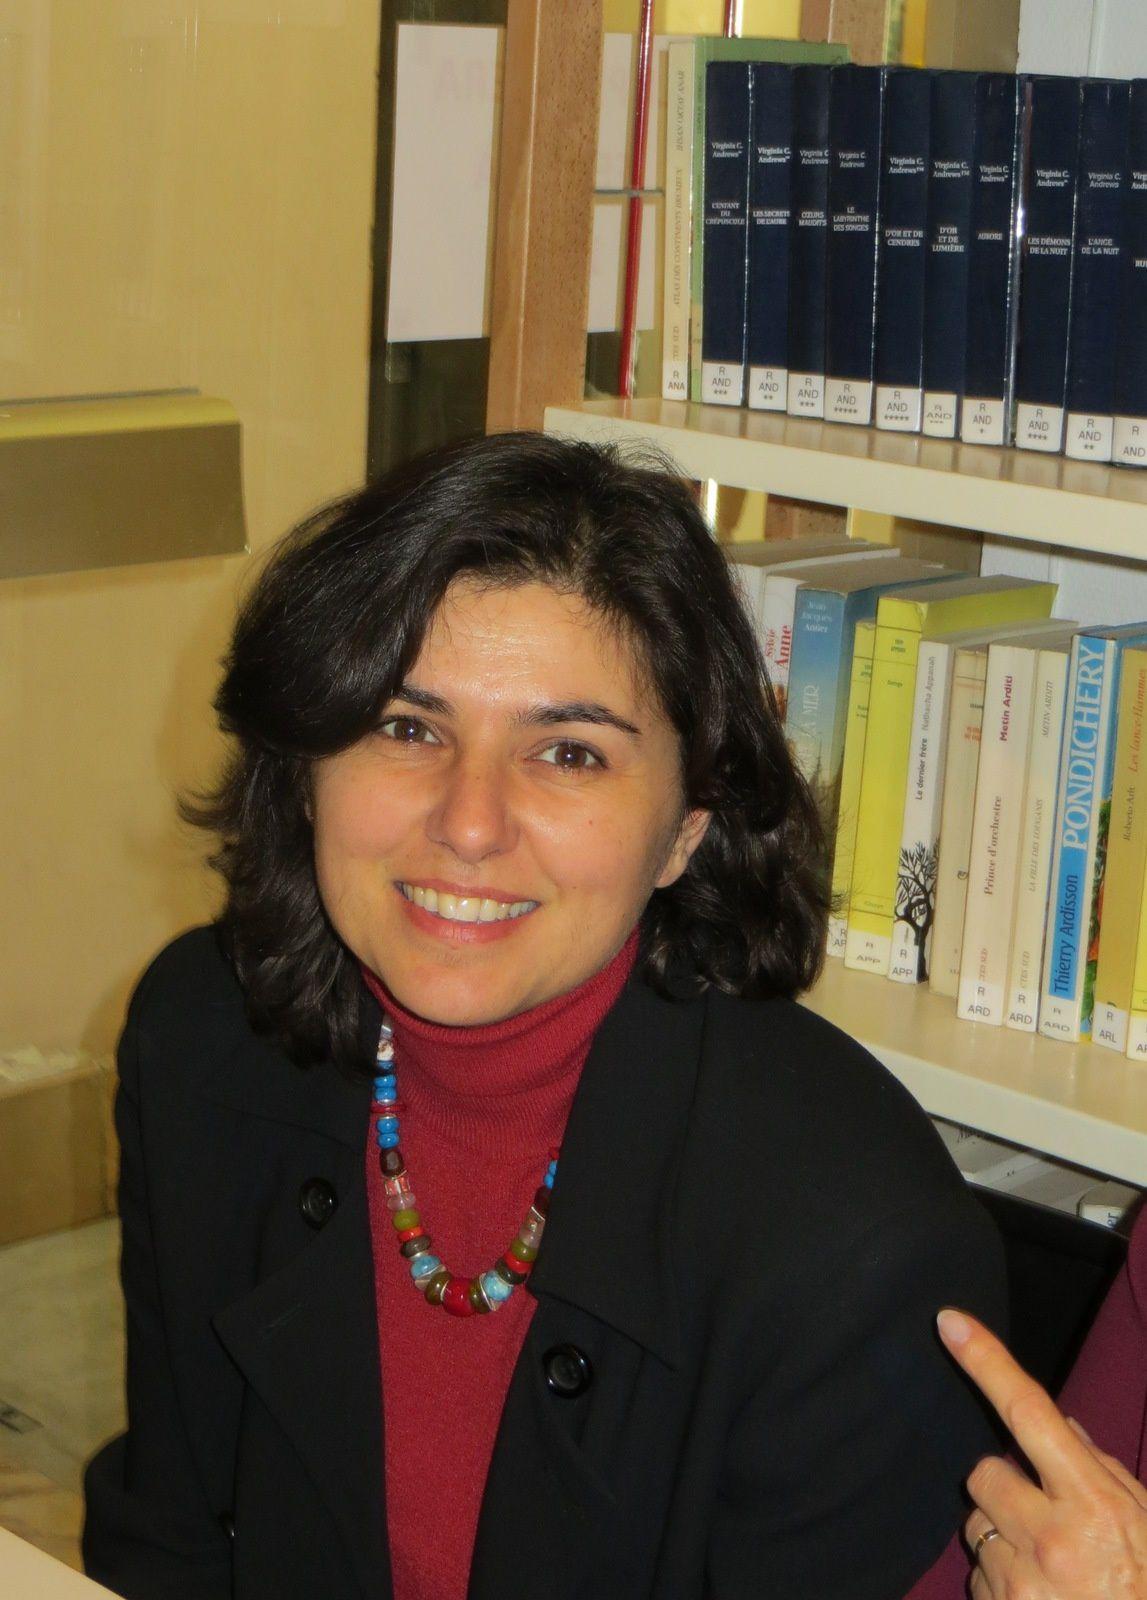 Le Musée Régional de Préhistoire et Mme Almudena Arellano y Allonso, Docteur en Etudes Préhistoriques